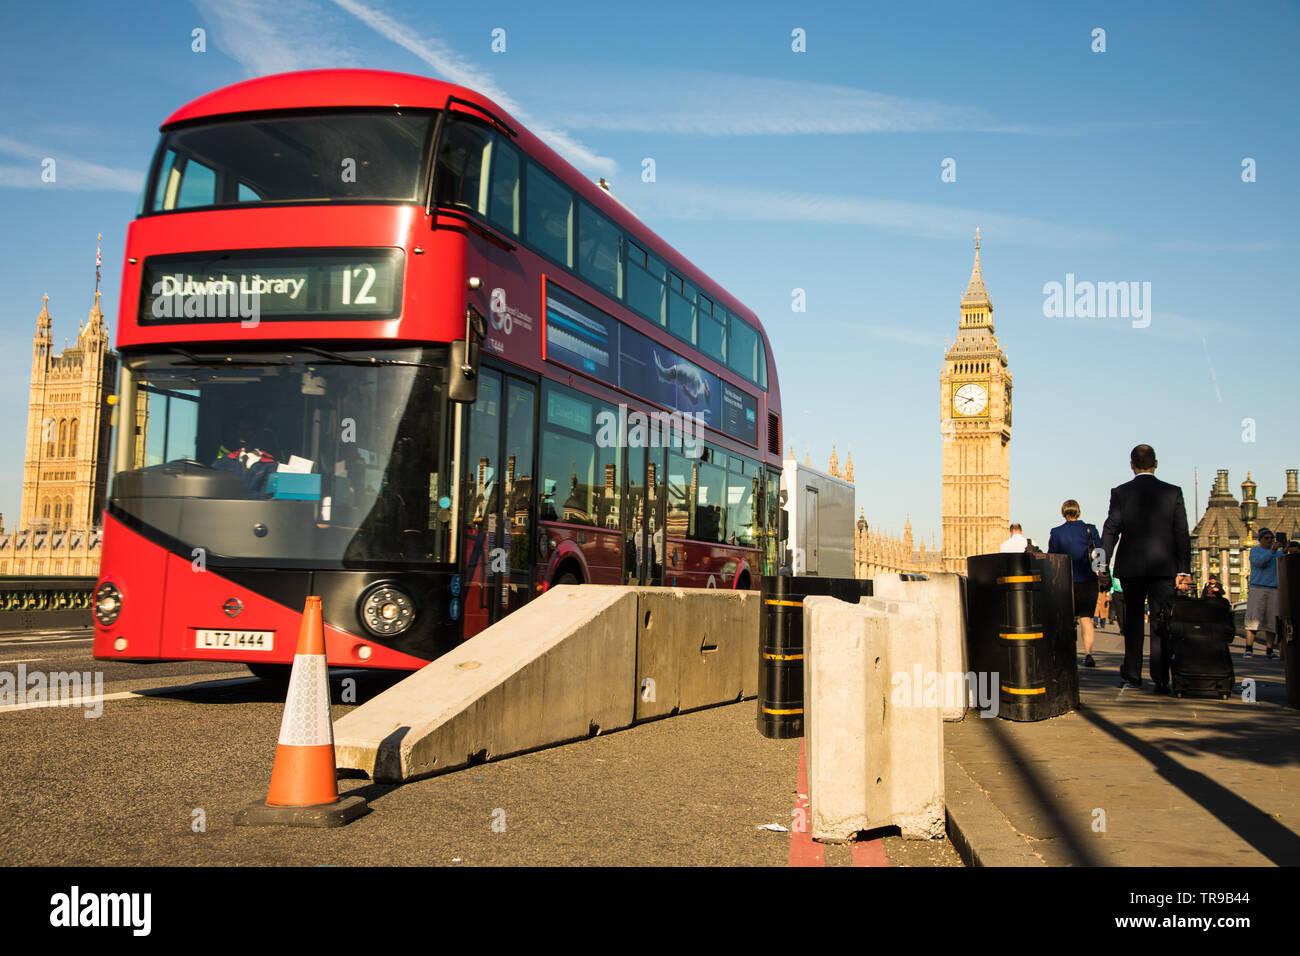 Autobús londinense en Westminster Bridge pasando anti barreras para vehículos Foto de stock